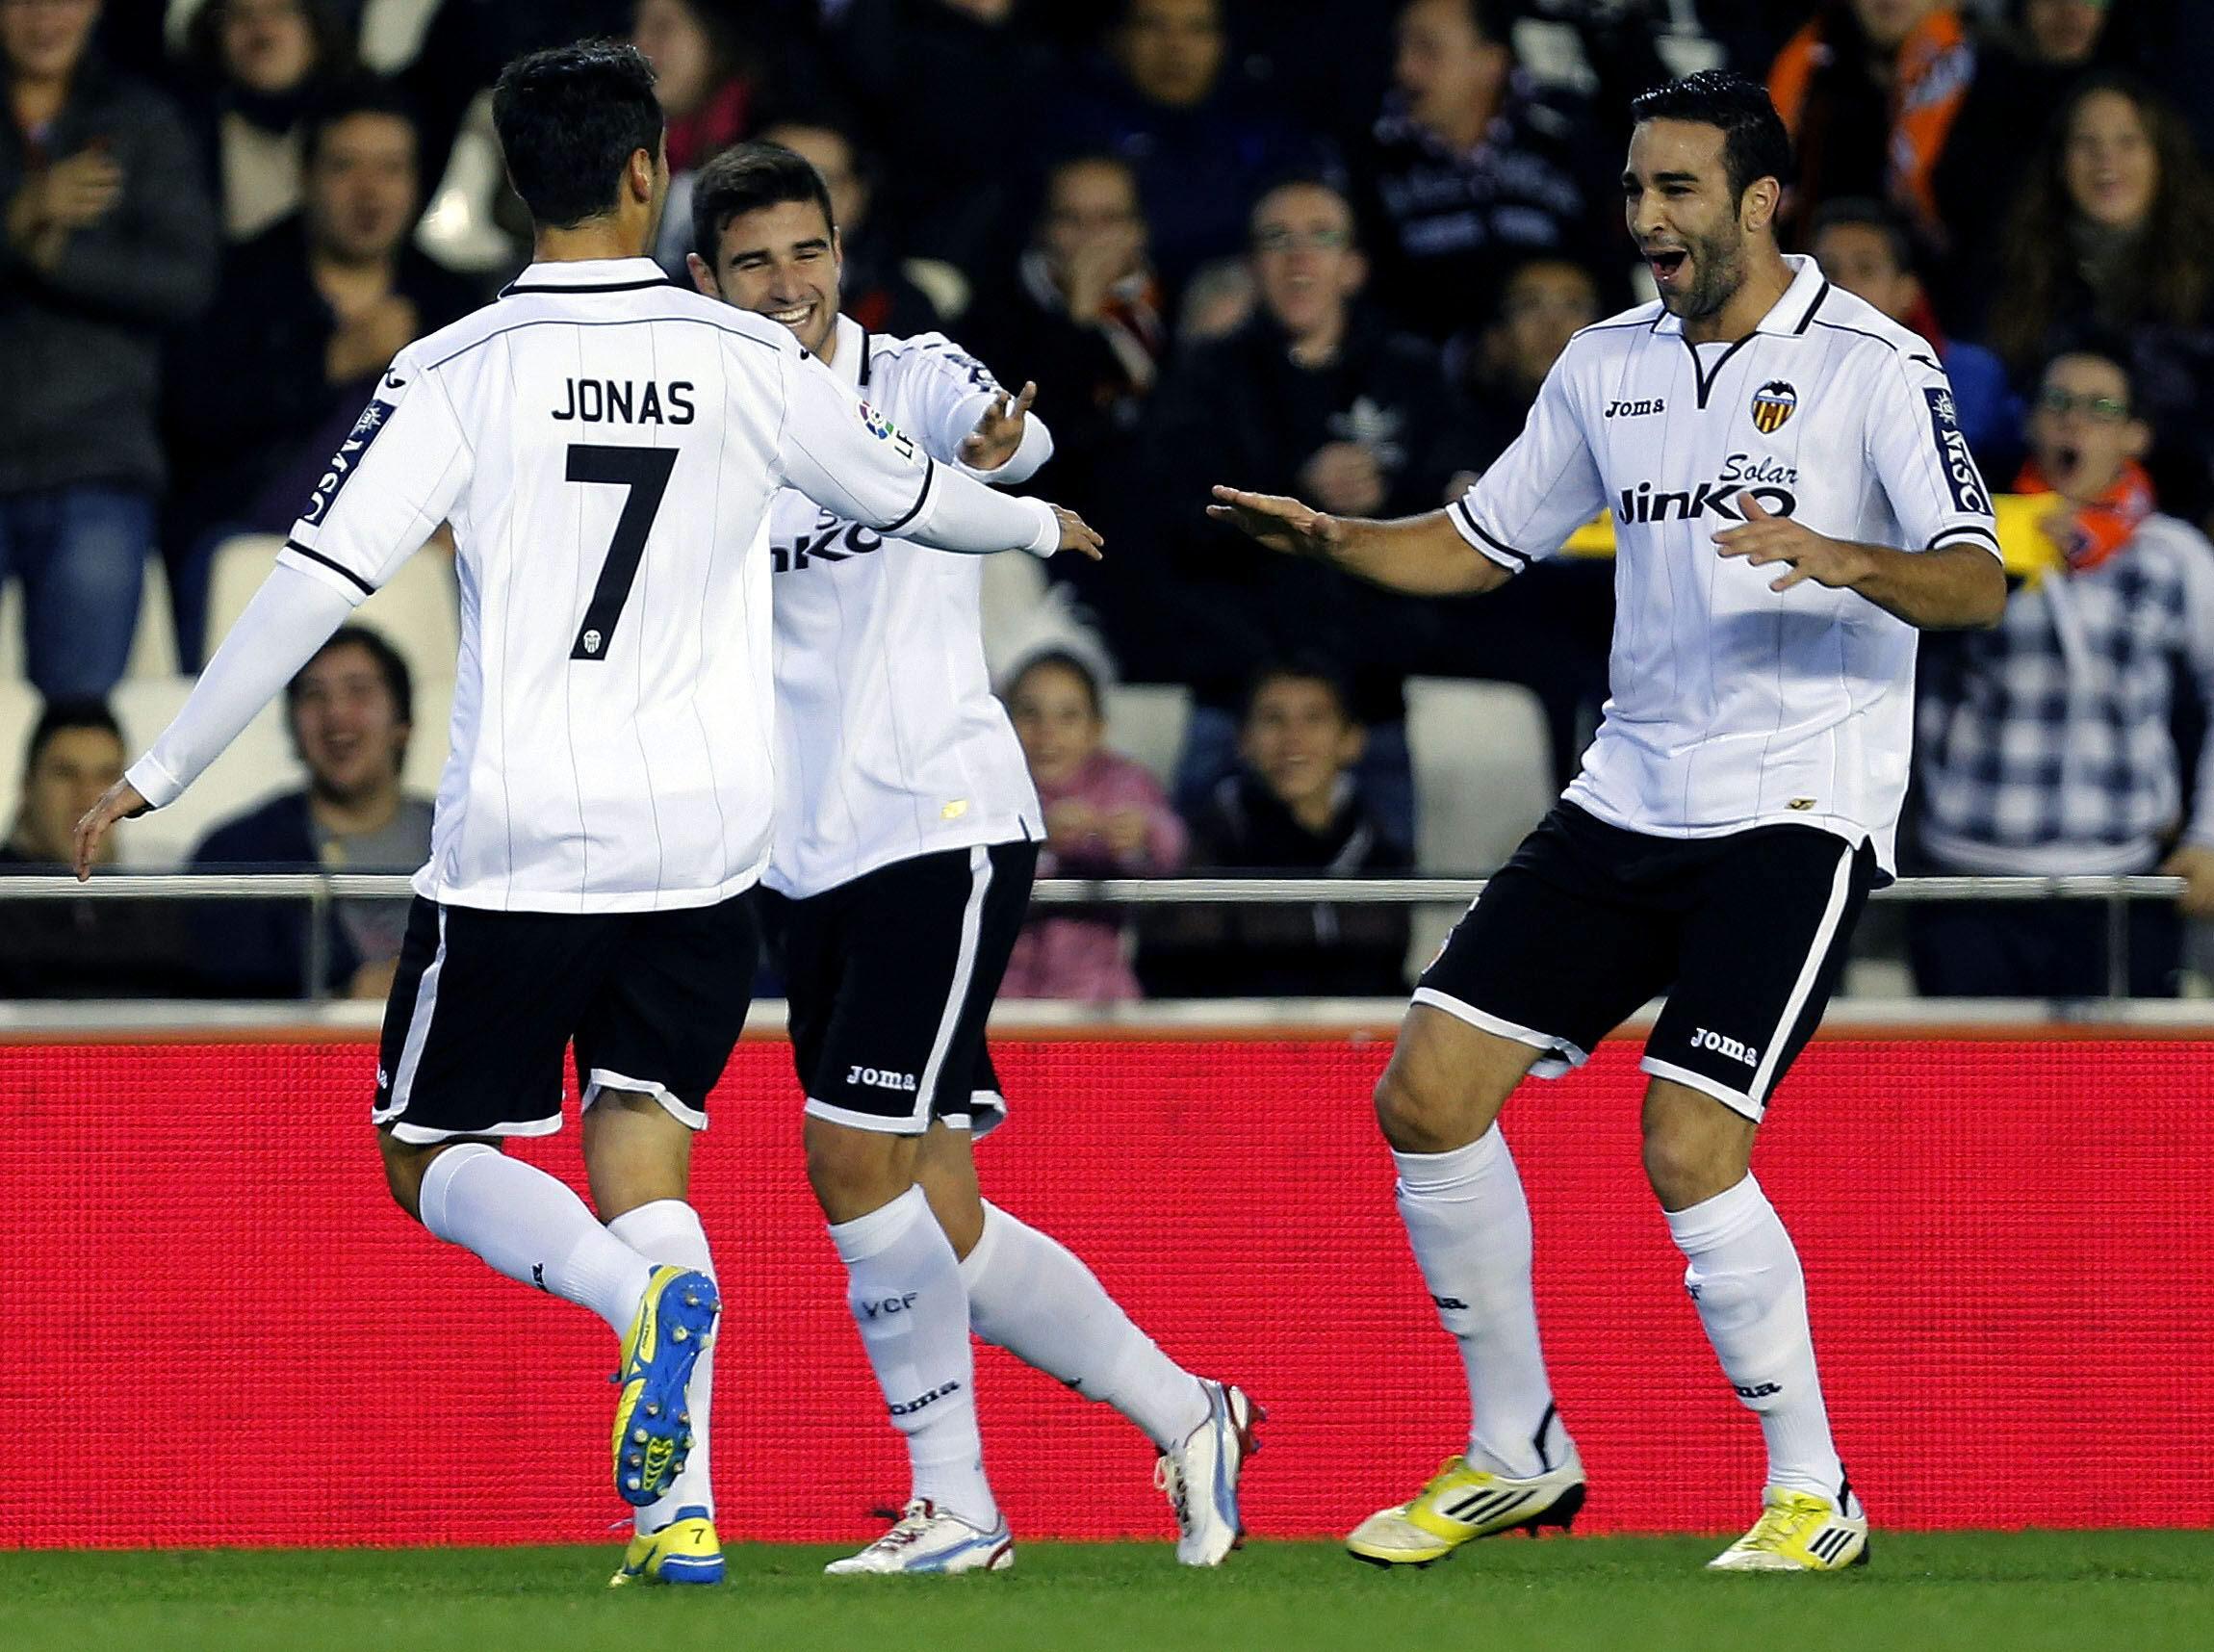 El Valencia comunica oficialmente la cesión de Rami al Milan